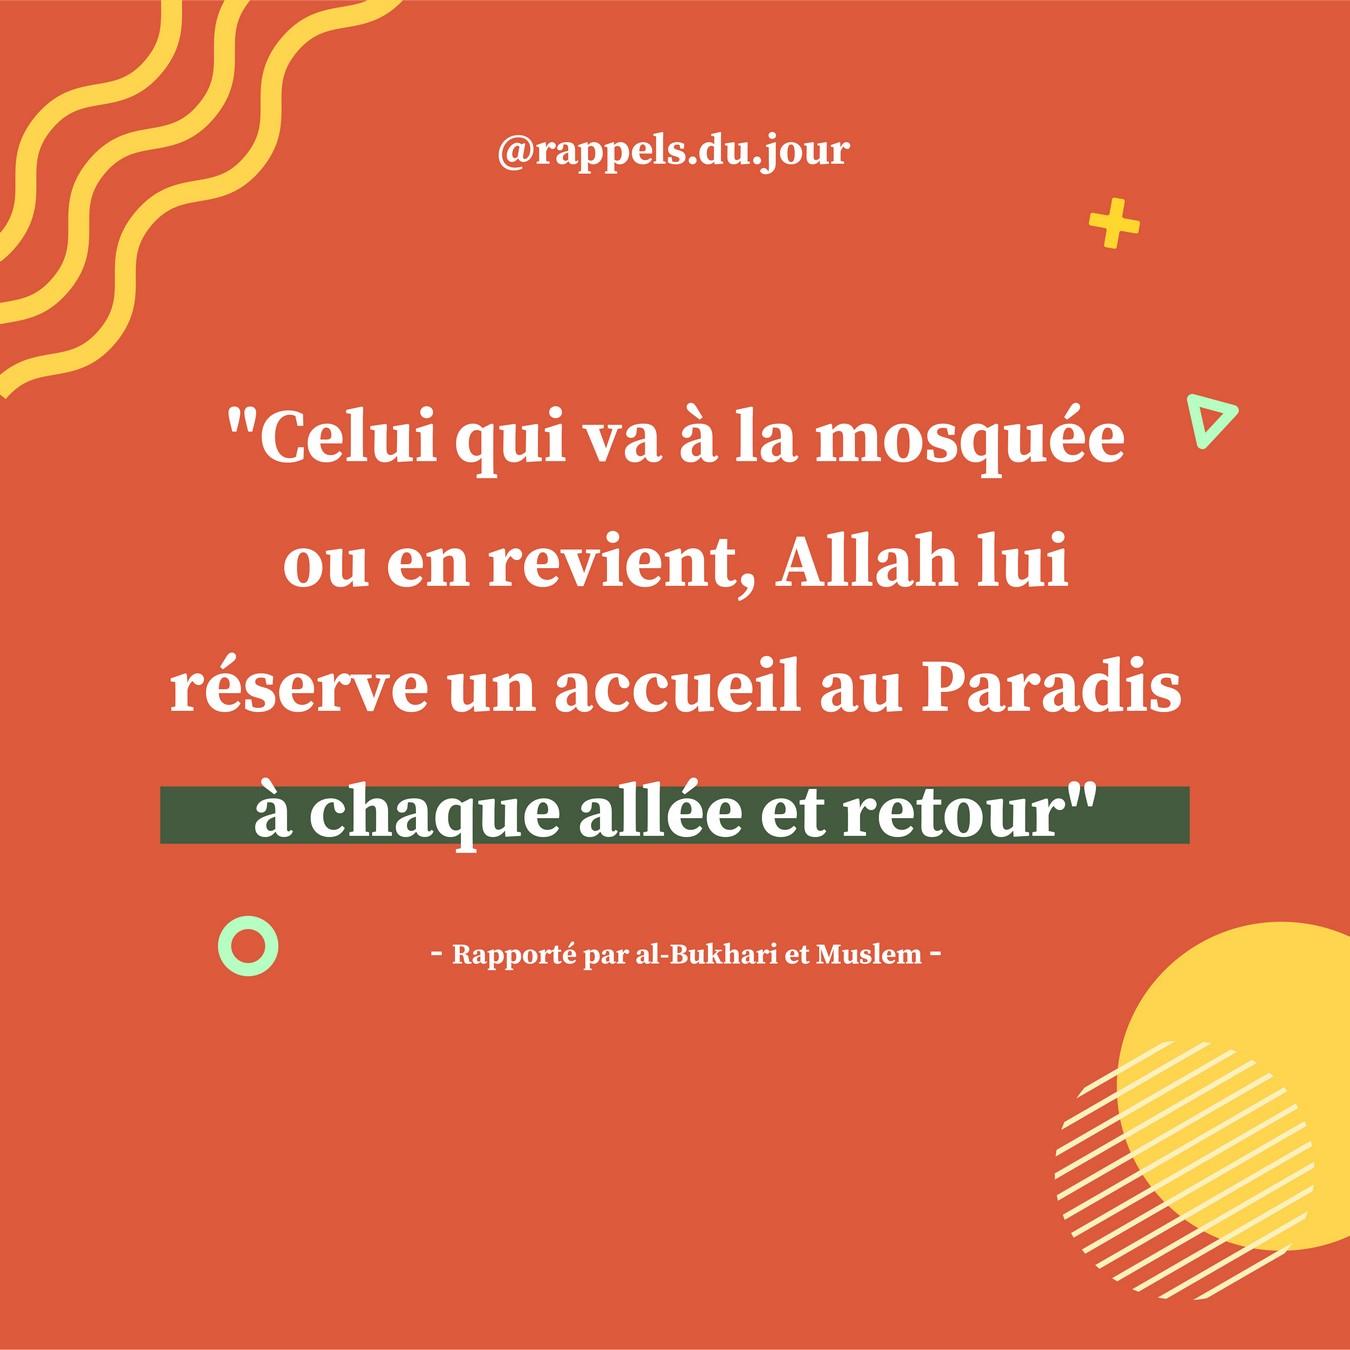 Hadith Abu Hurayra - La récompense d'allez à la mosquée ou en revient